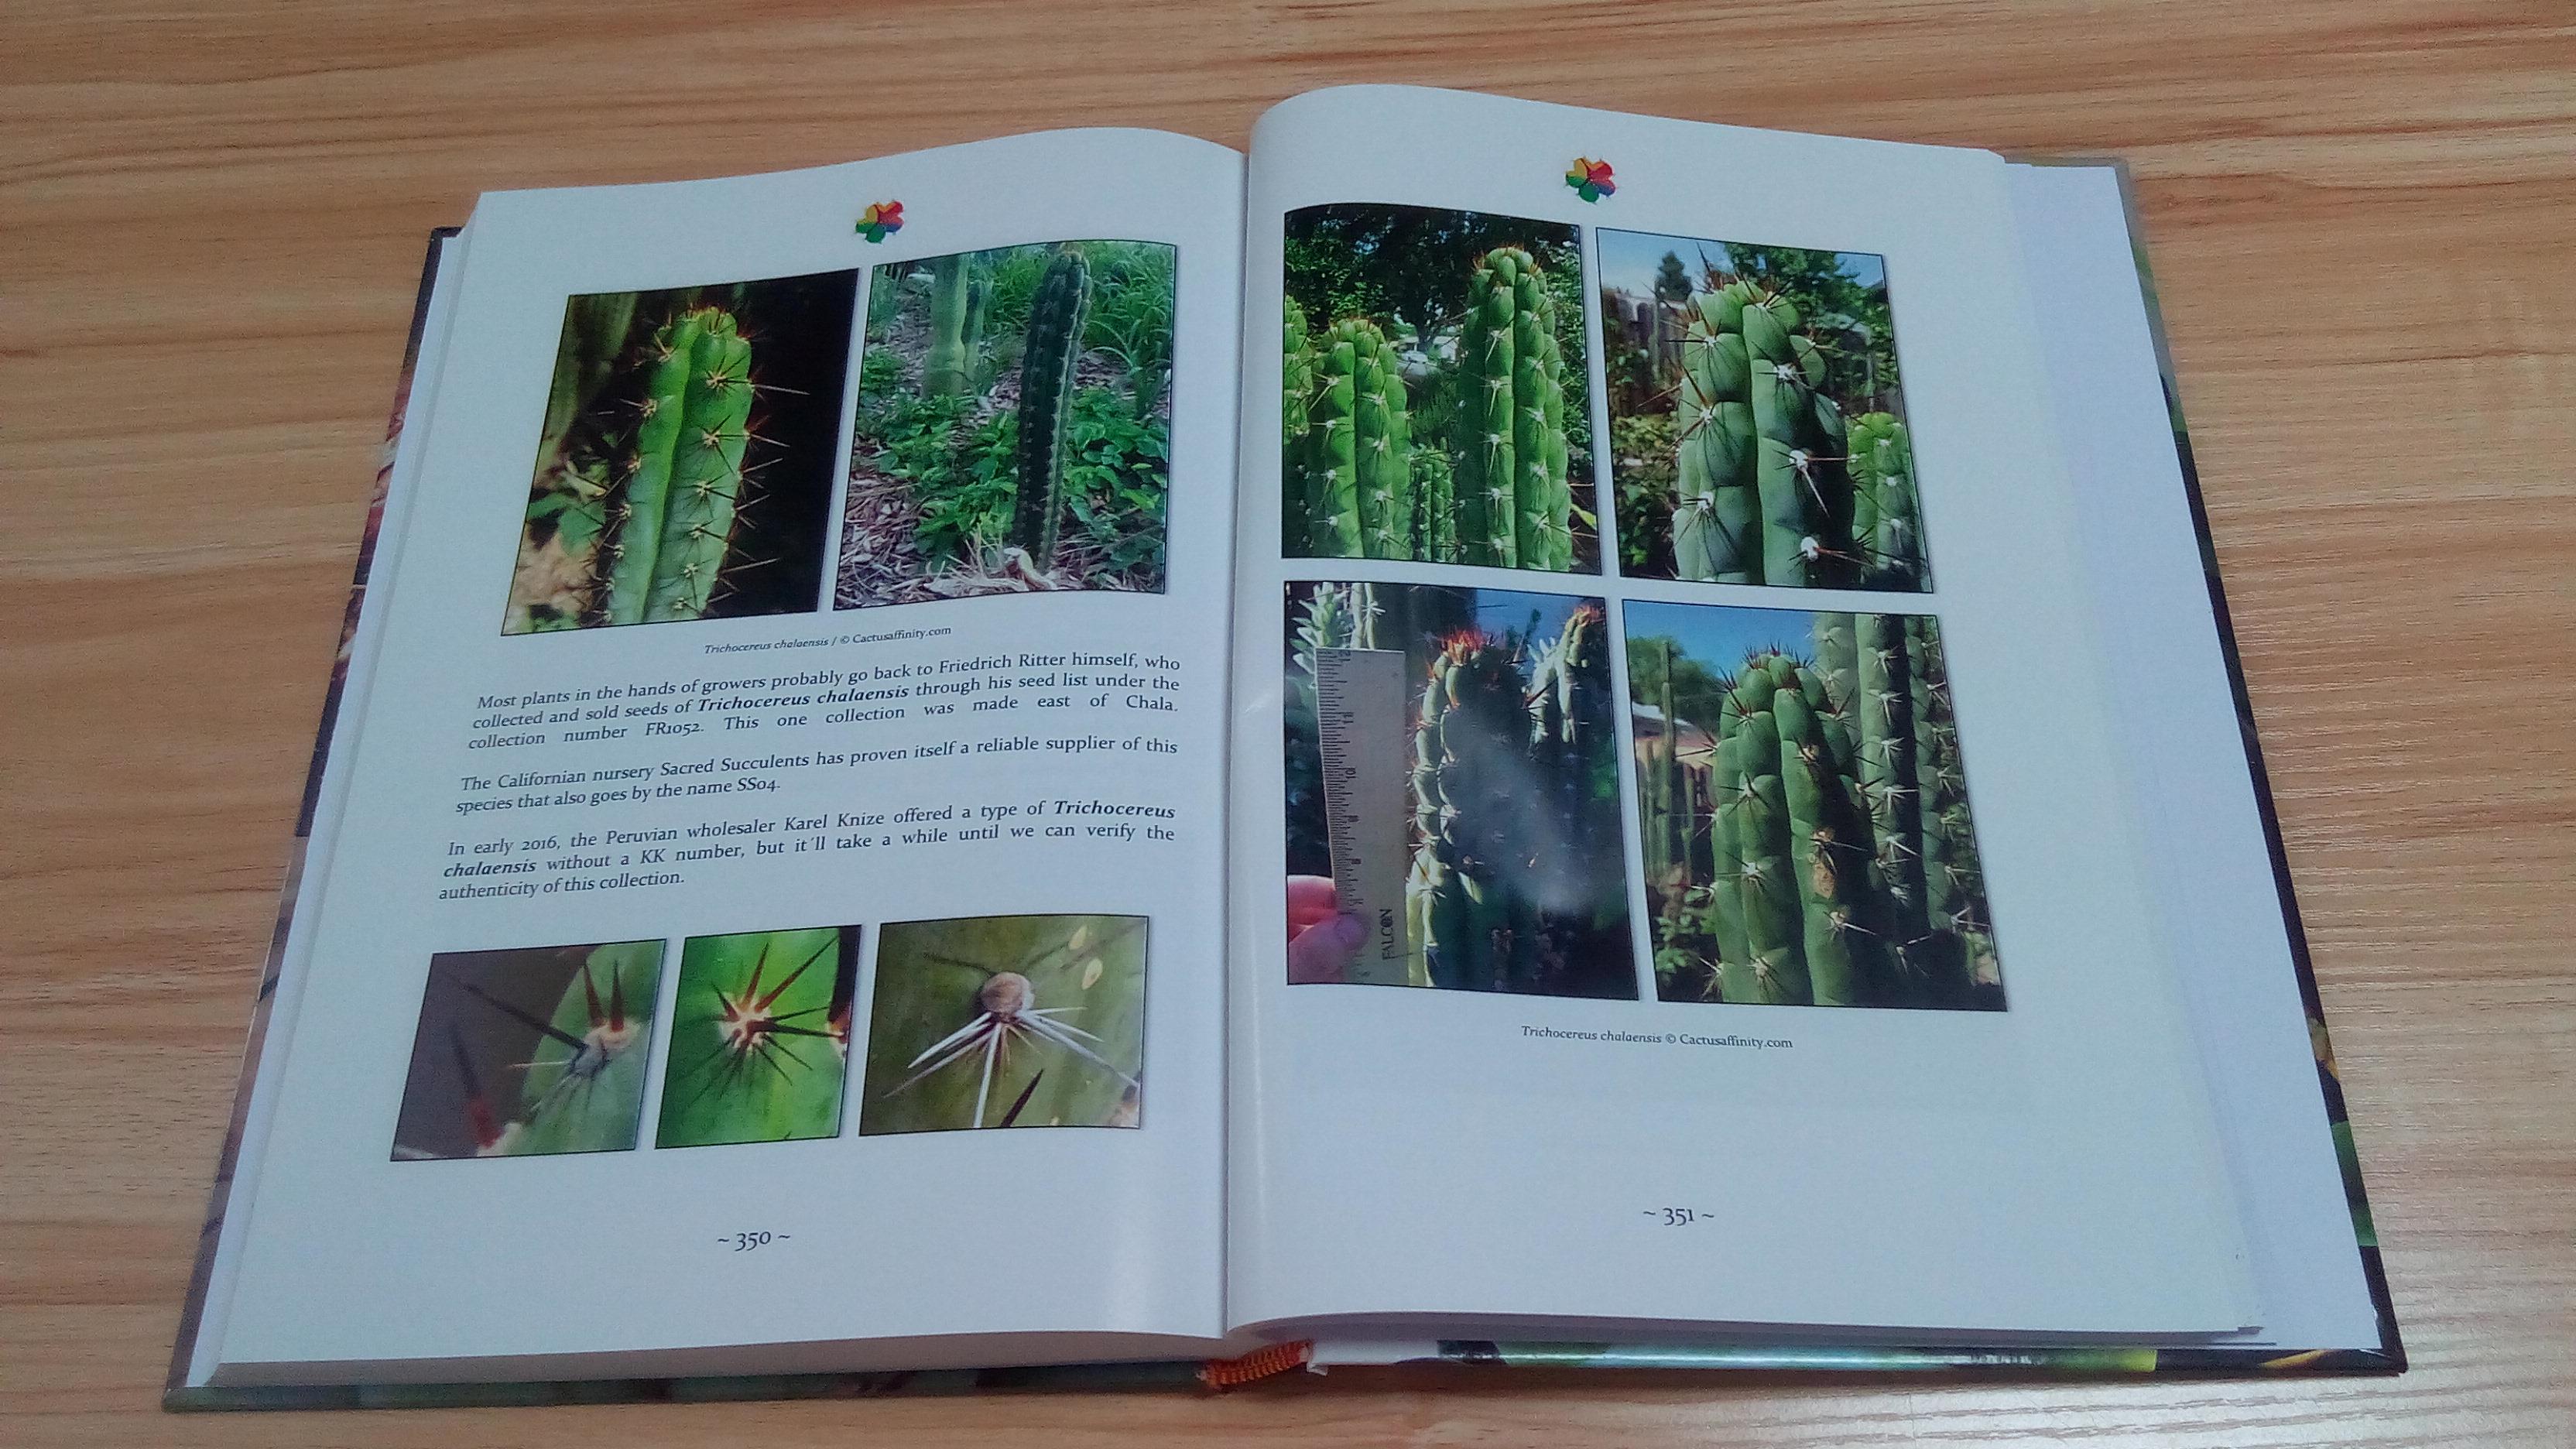 Trichocereus book Volume 1 Echinopsis cactus book  5